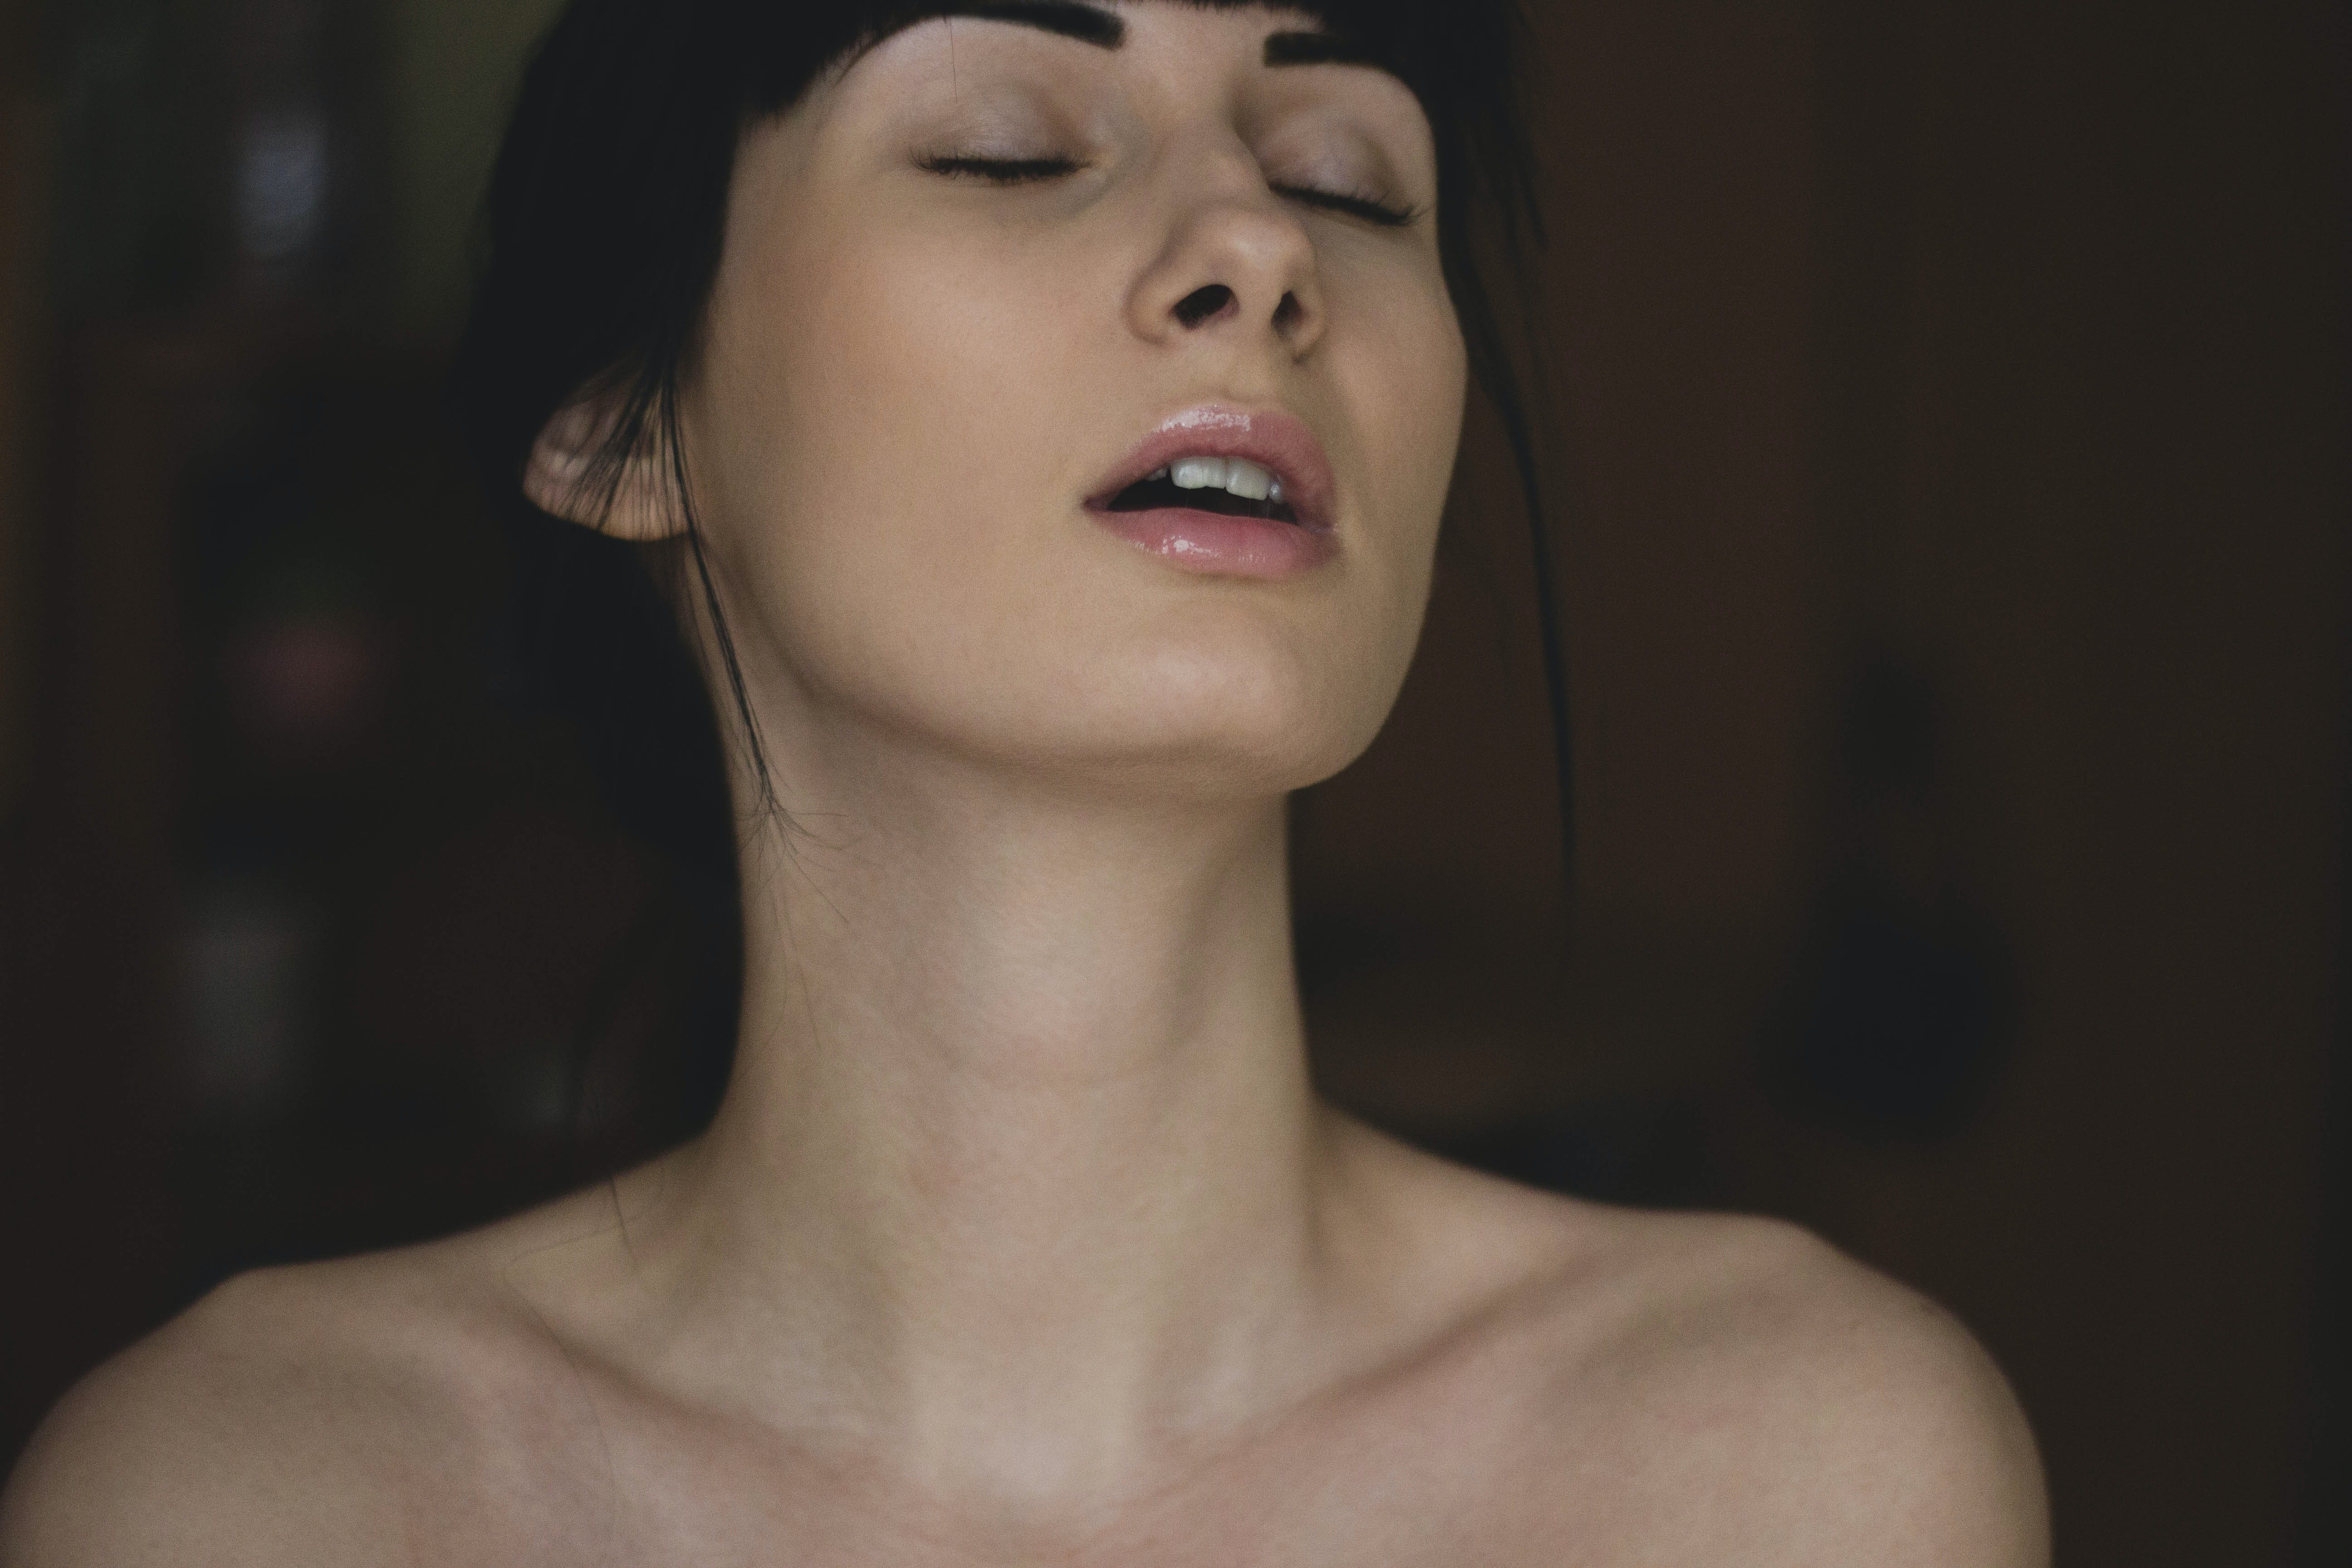 ▲▼英國研究指出,女性的確更偏愛「勃大莖深」的男性。(圖/取自免費圖庫Pexels)